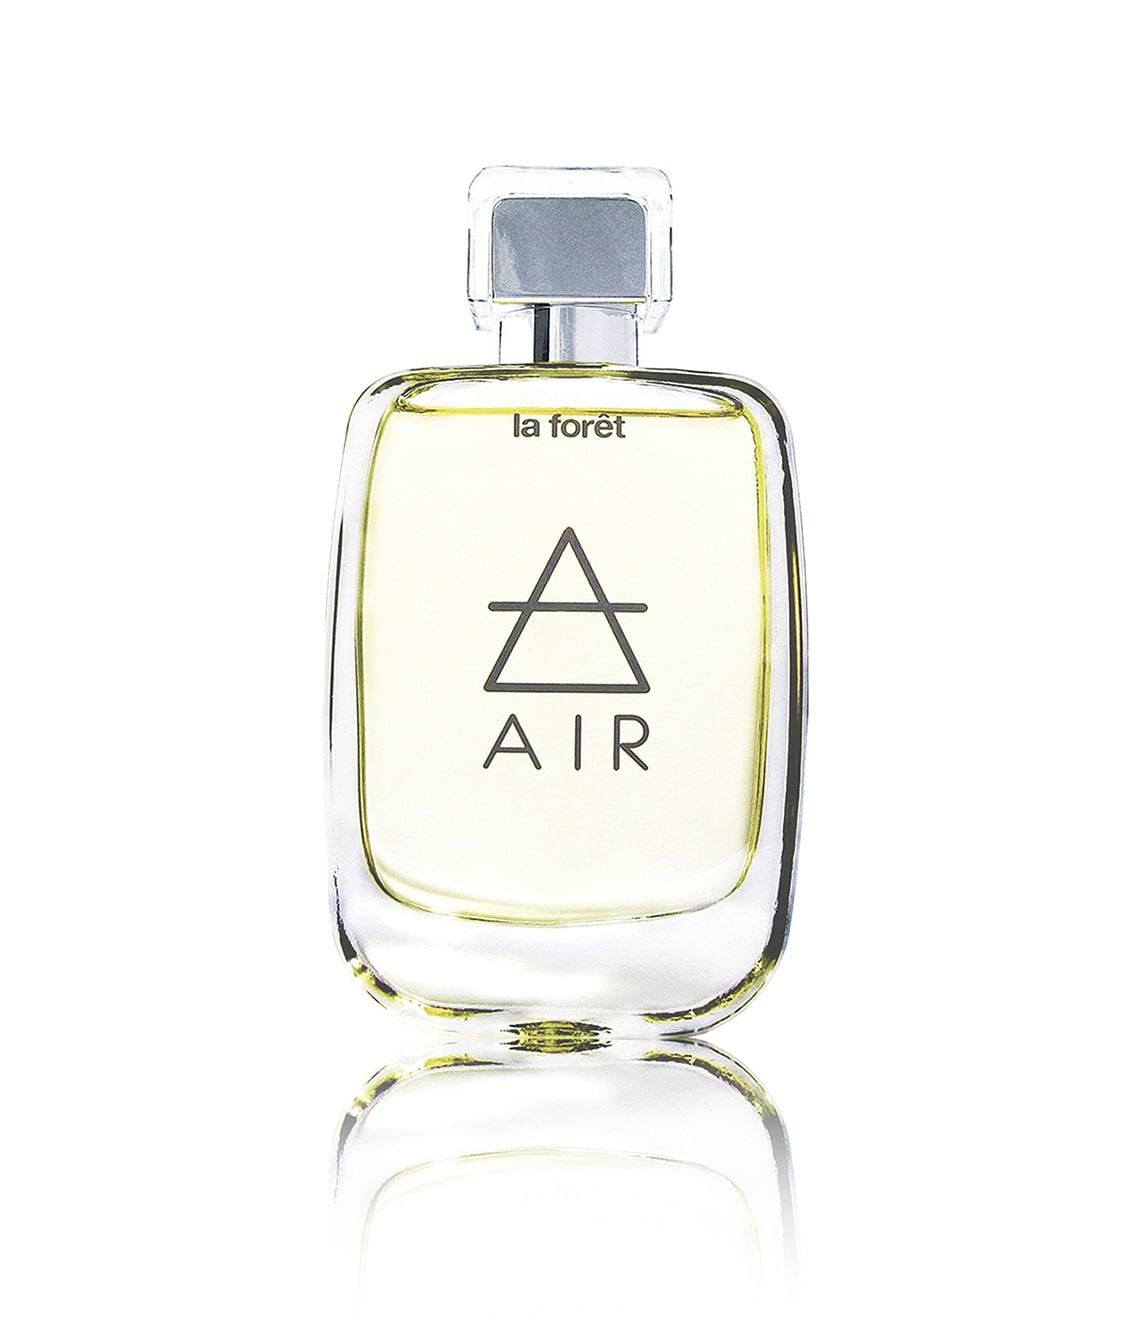 Perfume Hombre air edp 100 ml